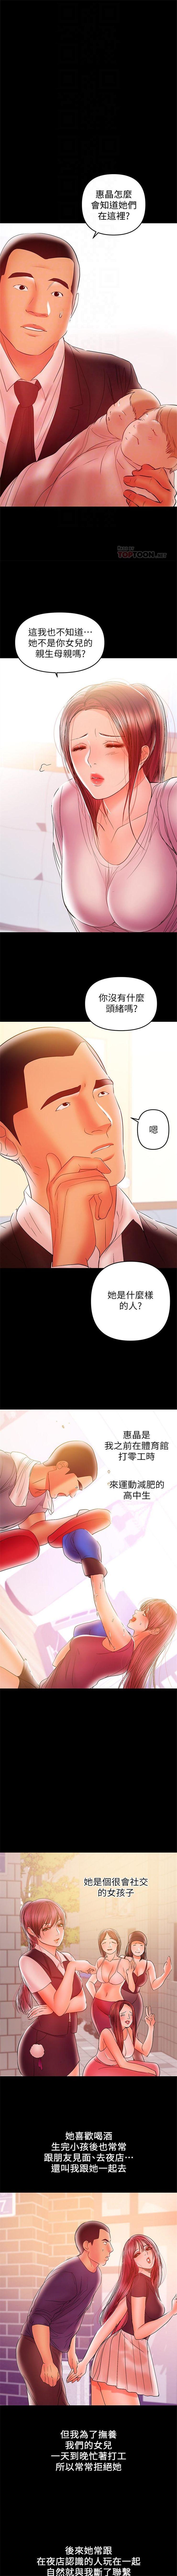 (週6)兼職奶媽 1-31 中文翻譯 (更新中) 161